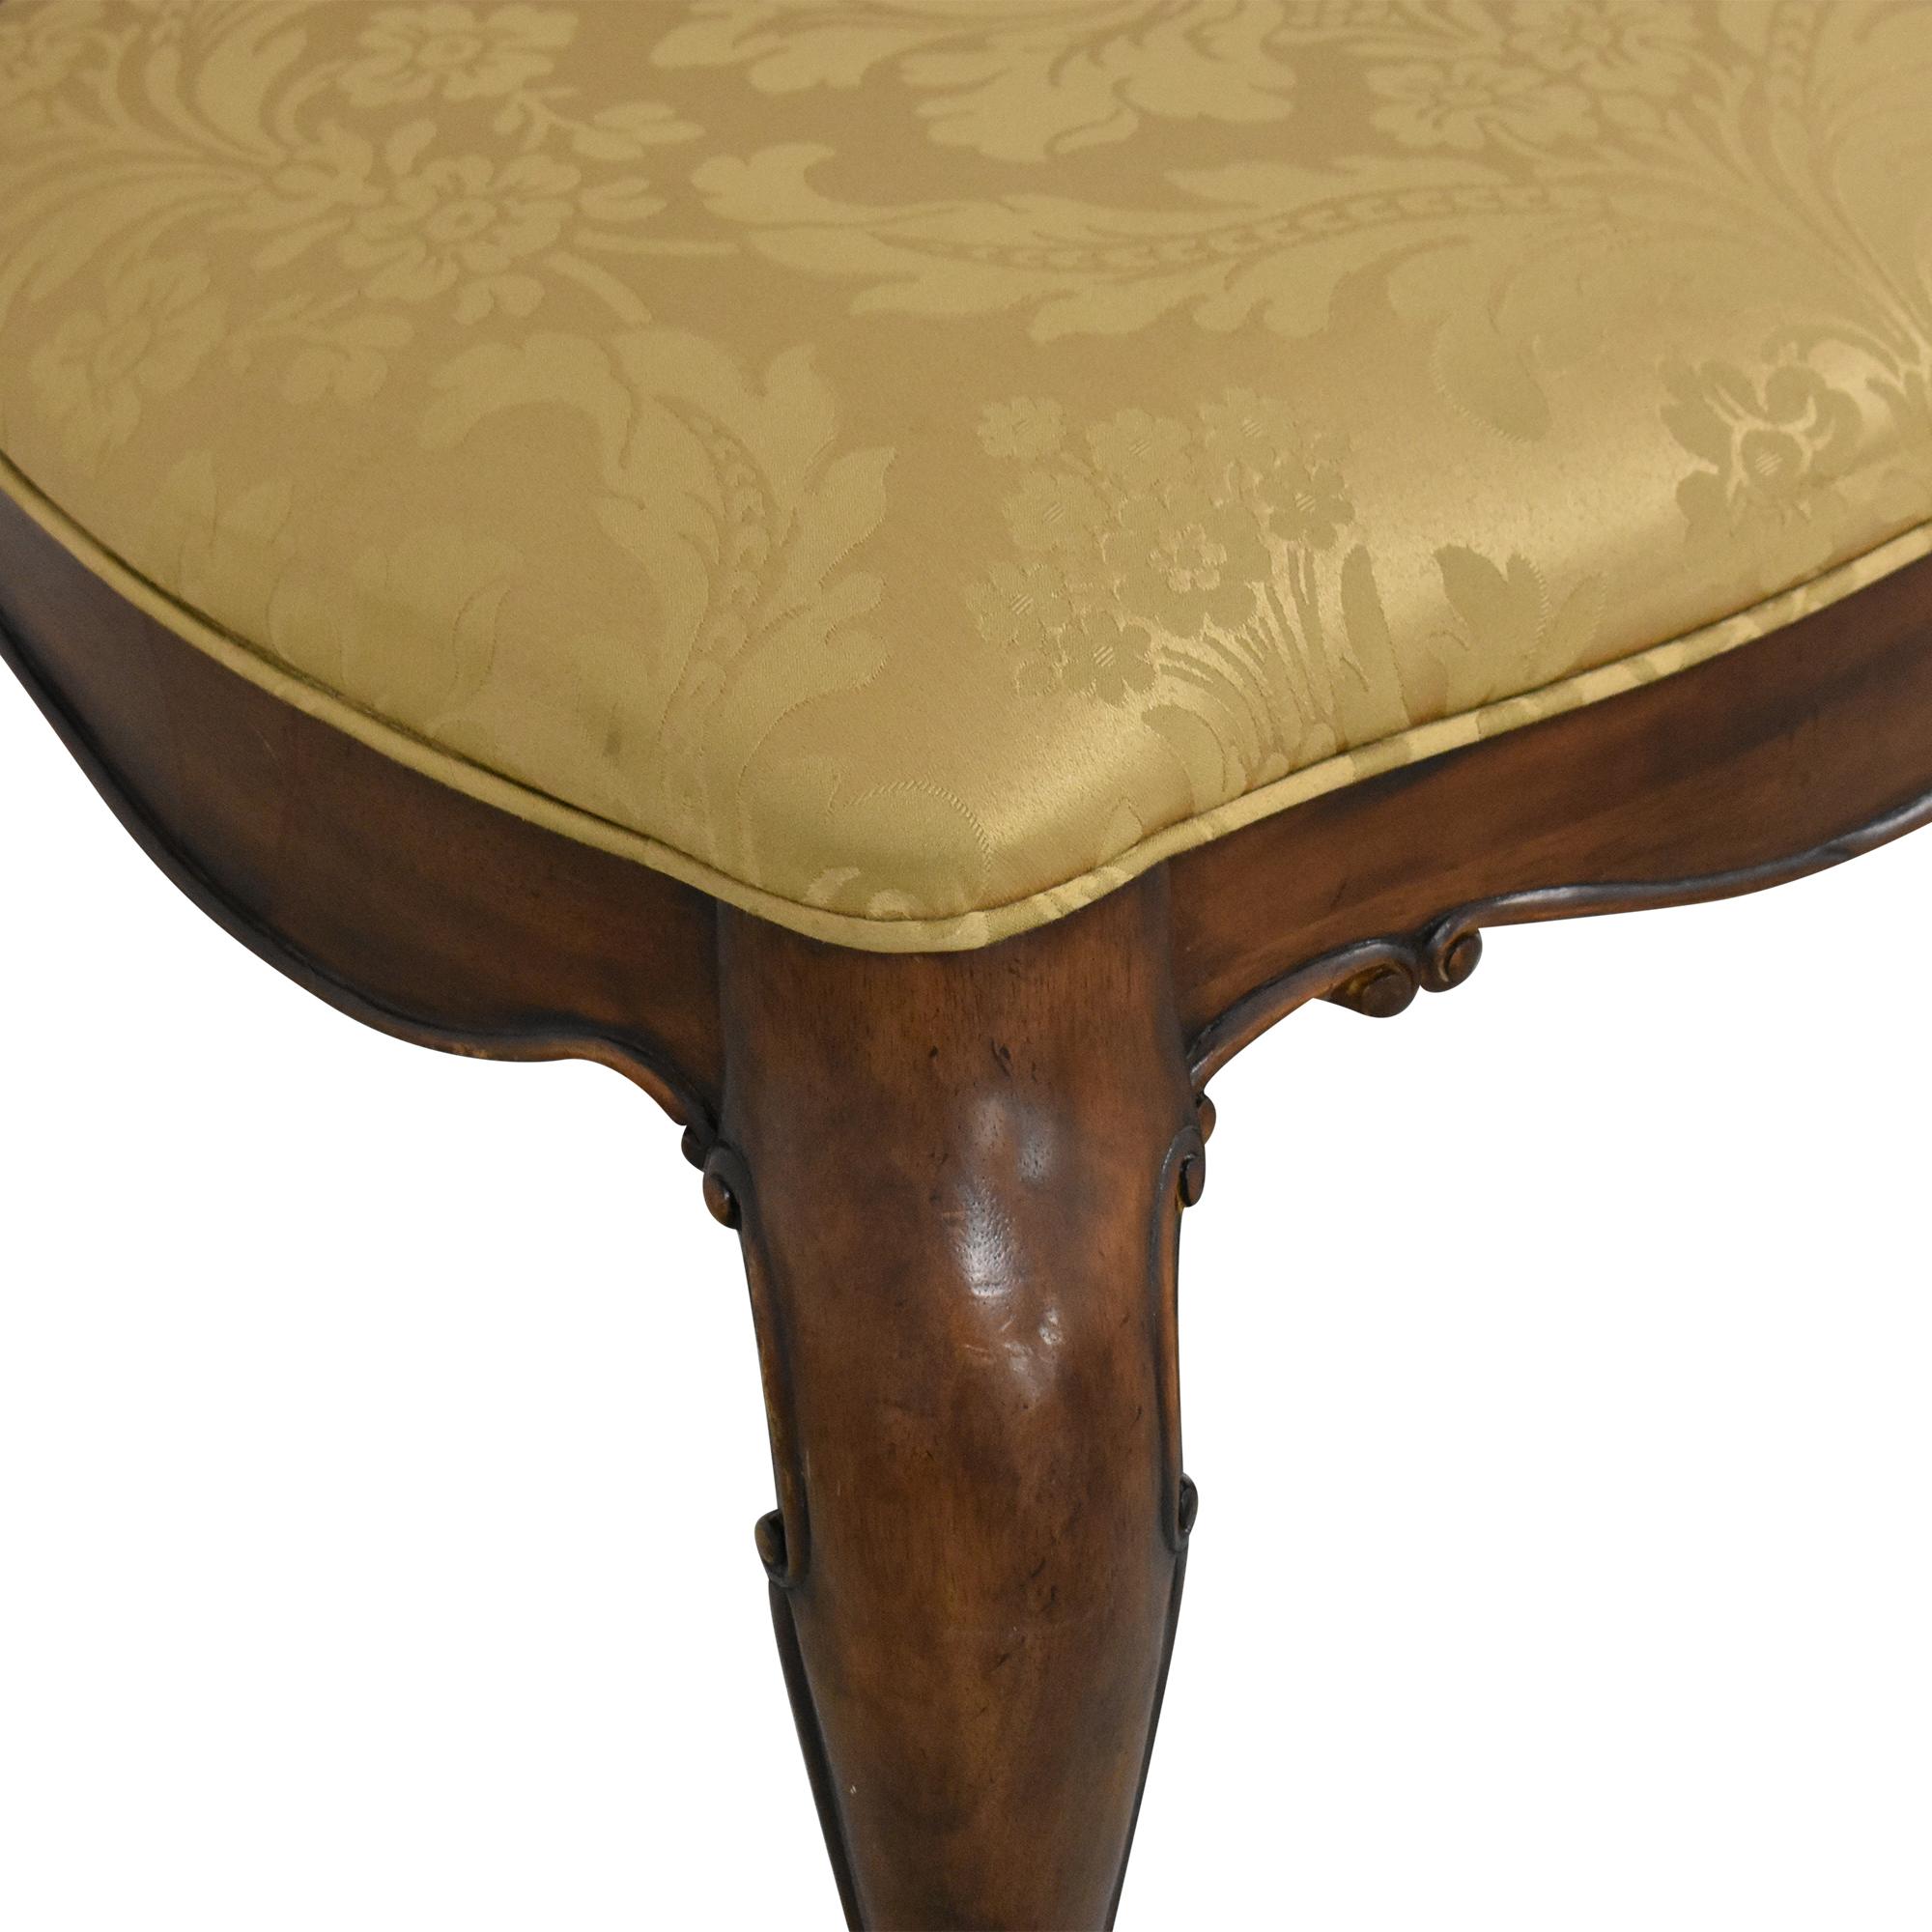 Thomasville Thomasville Ernest Hemingway Granada Dining Chairs brown & gold